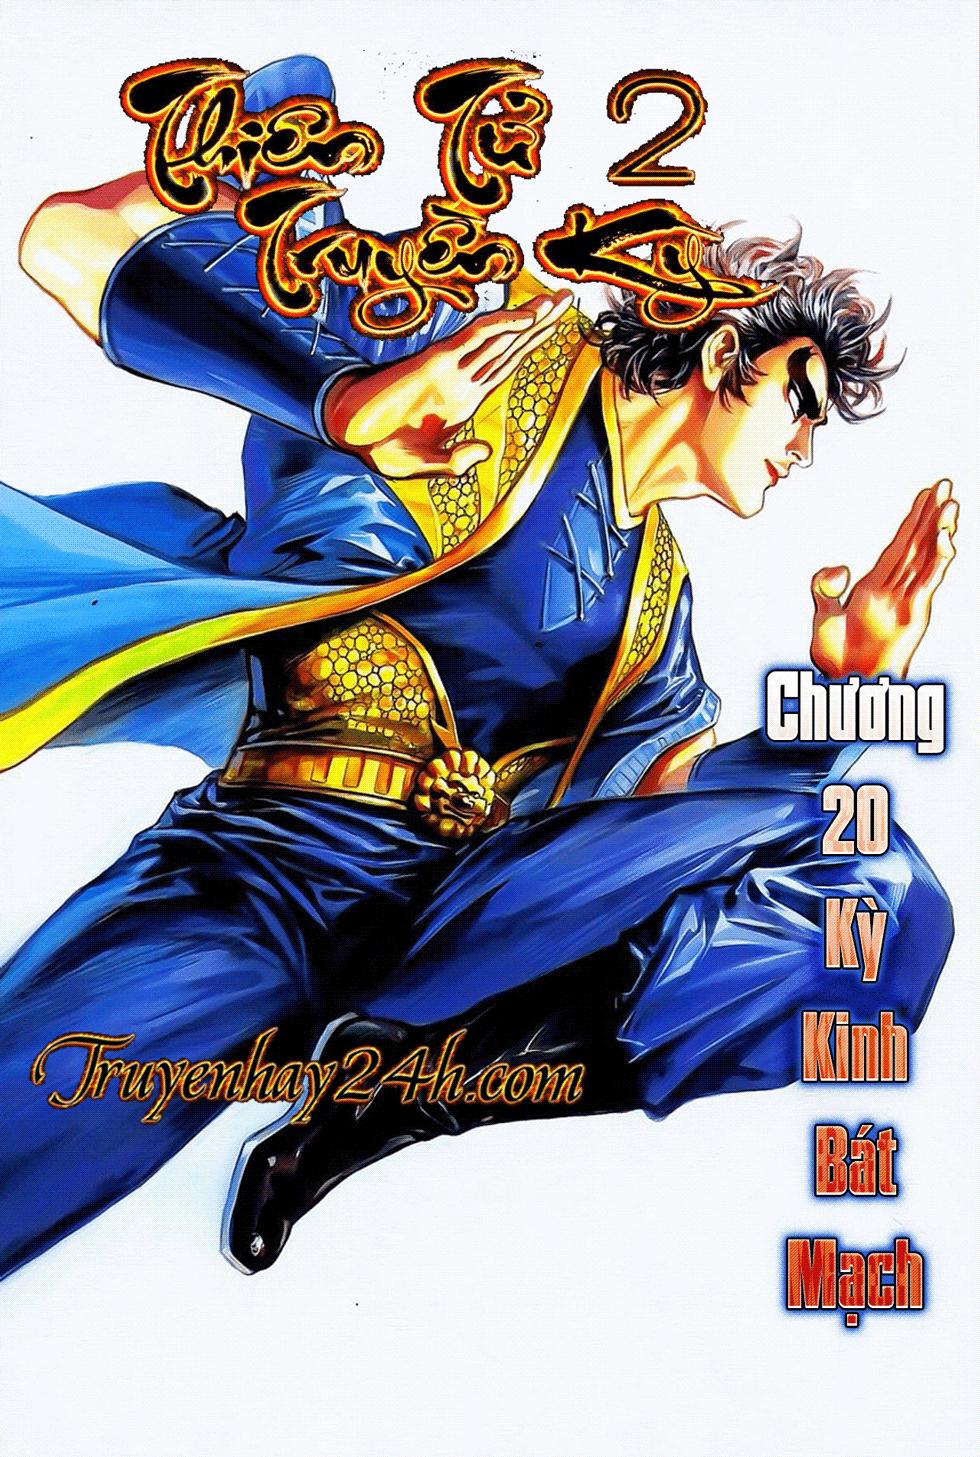 Tần Vương Doanh Chính chapter 20 trang 2